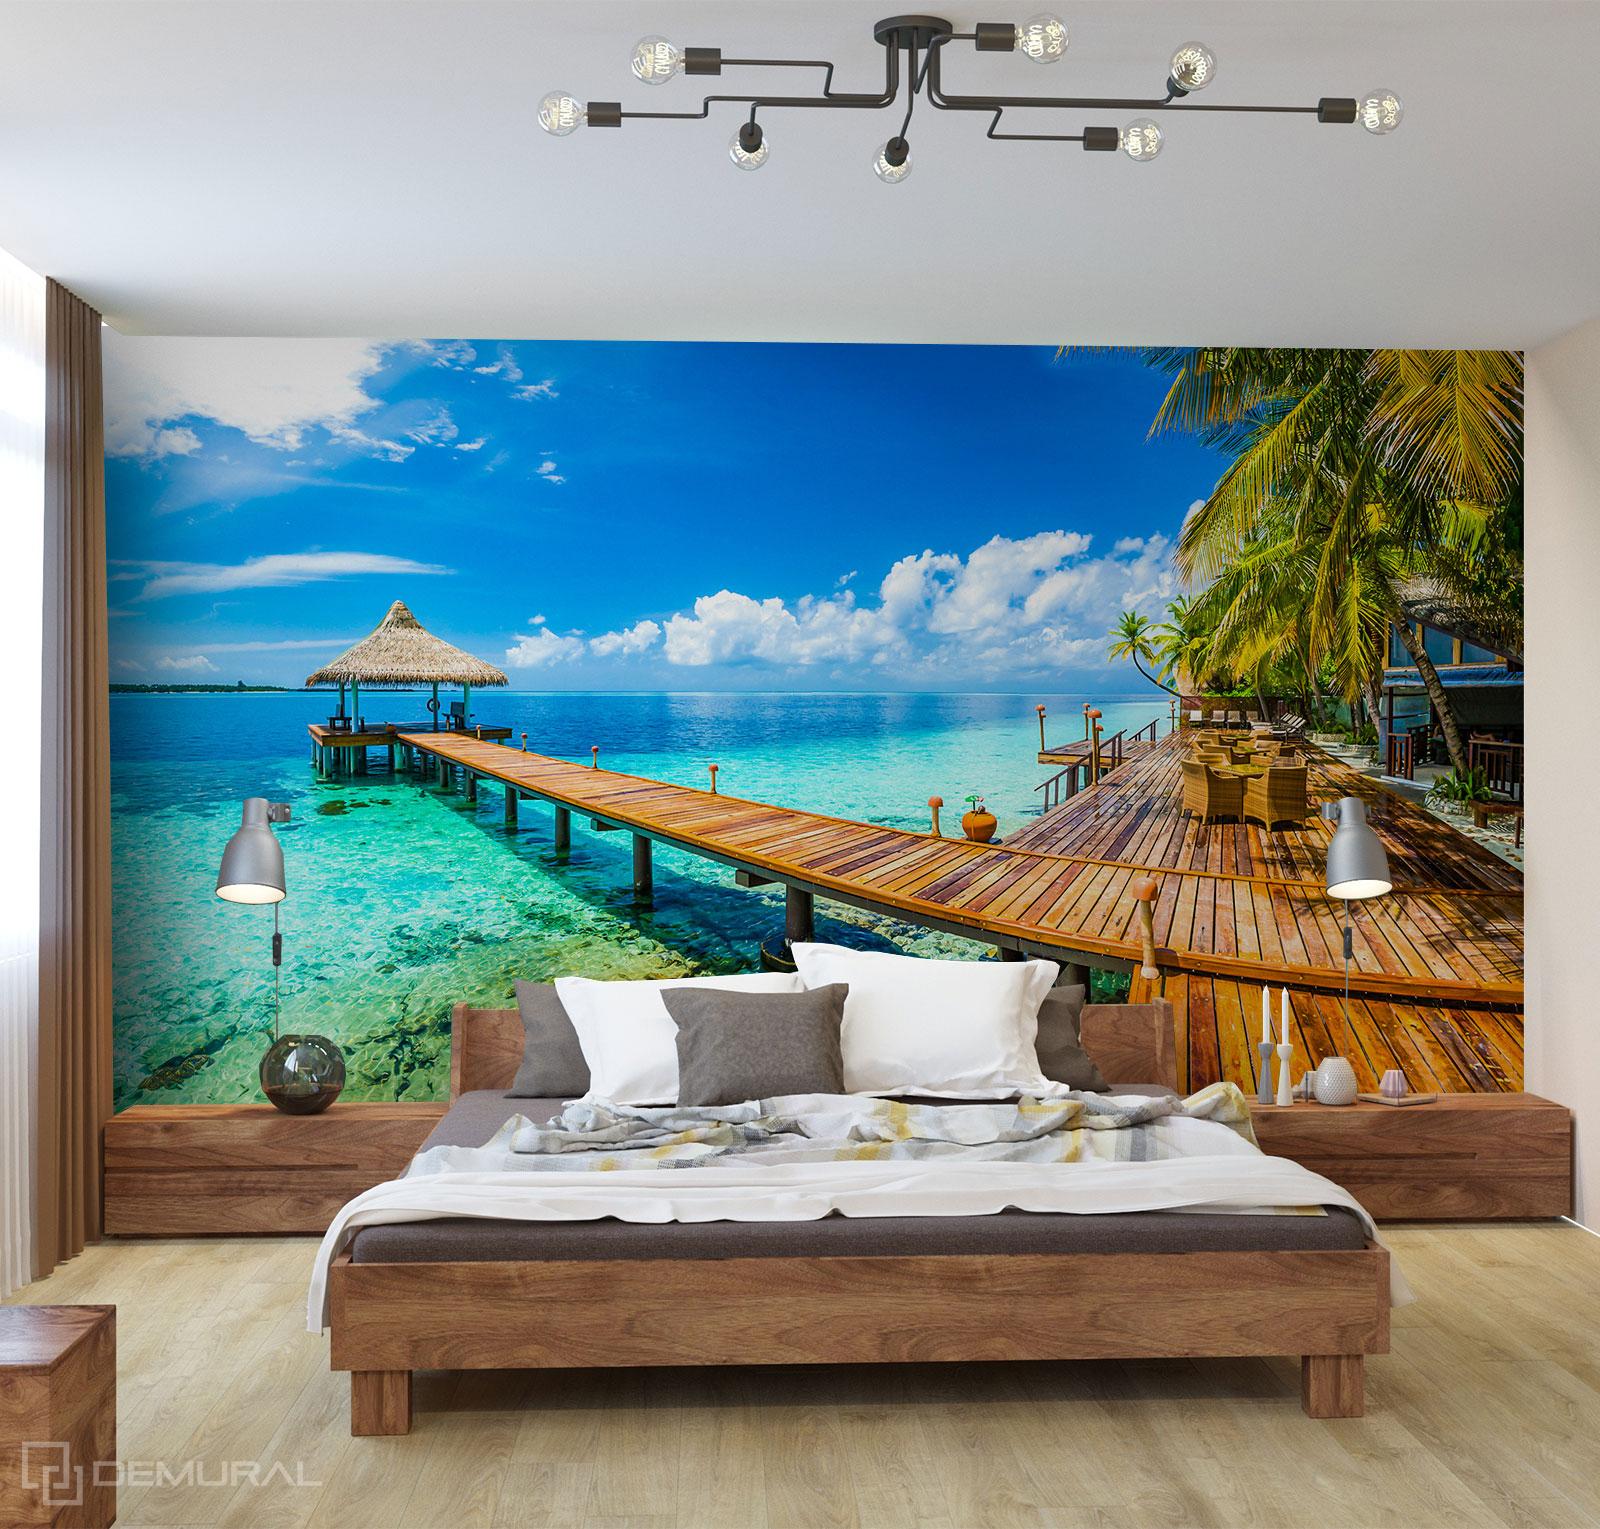 Fototapeta Prywatne Malediwy - Fototapeta z plażą - Demural